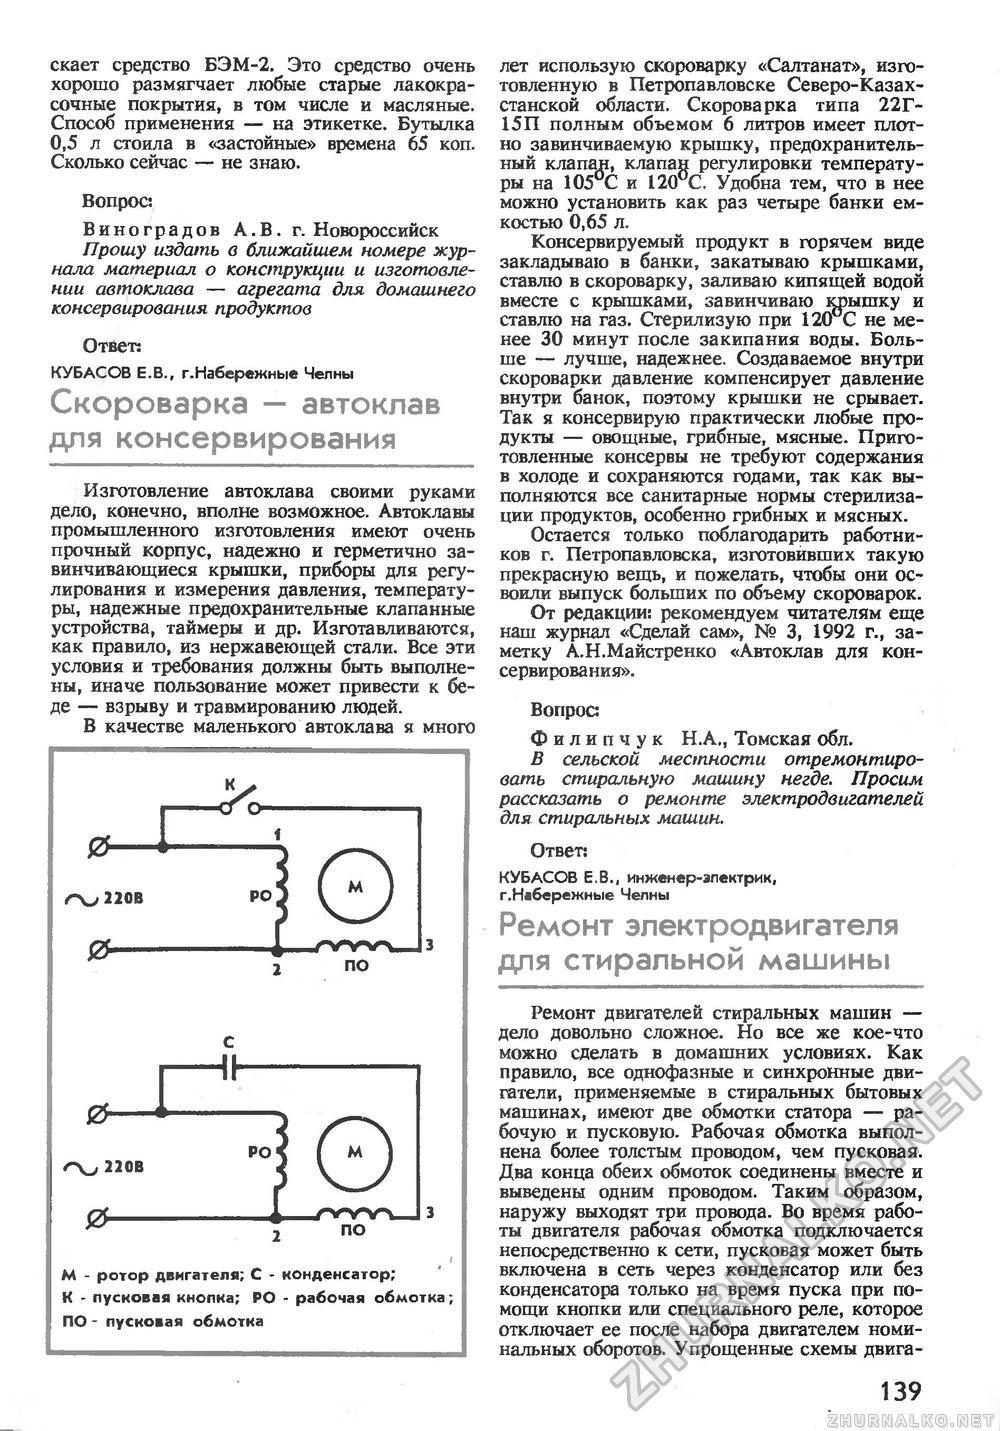 Скороварка 22г 15п инструкция